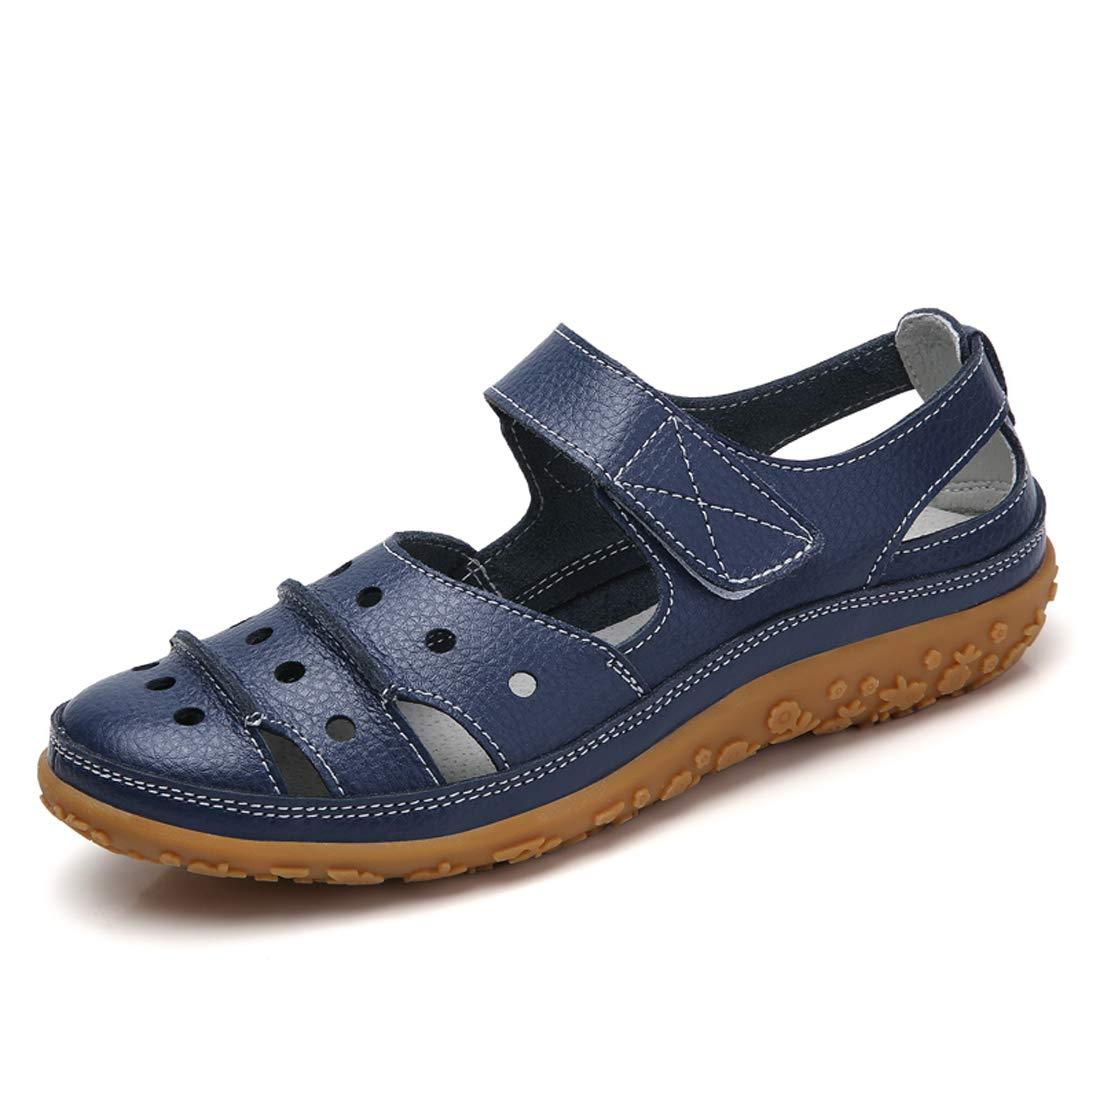 6c83d0749d7 Z.SUO Sandalias Mujer de Cuero Planas Cómodos Casual Mocasines Loafers Moda  Zapatos Plano Verano Sandalias y Chanclas